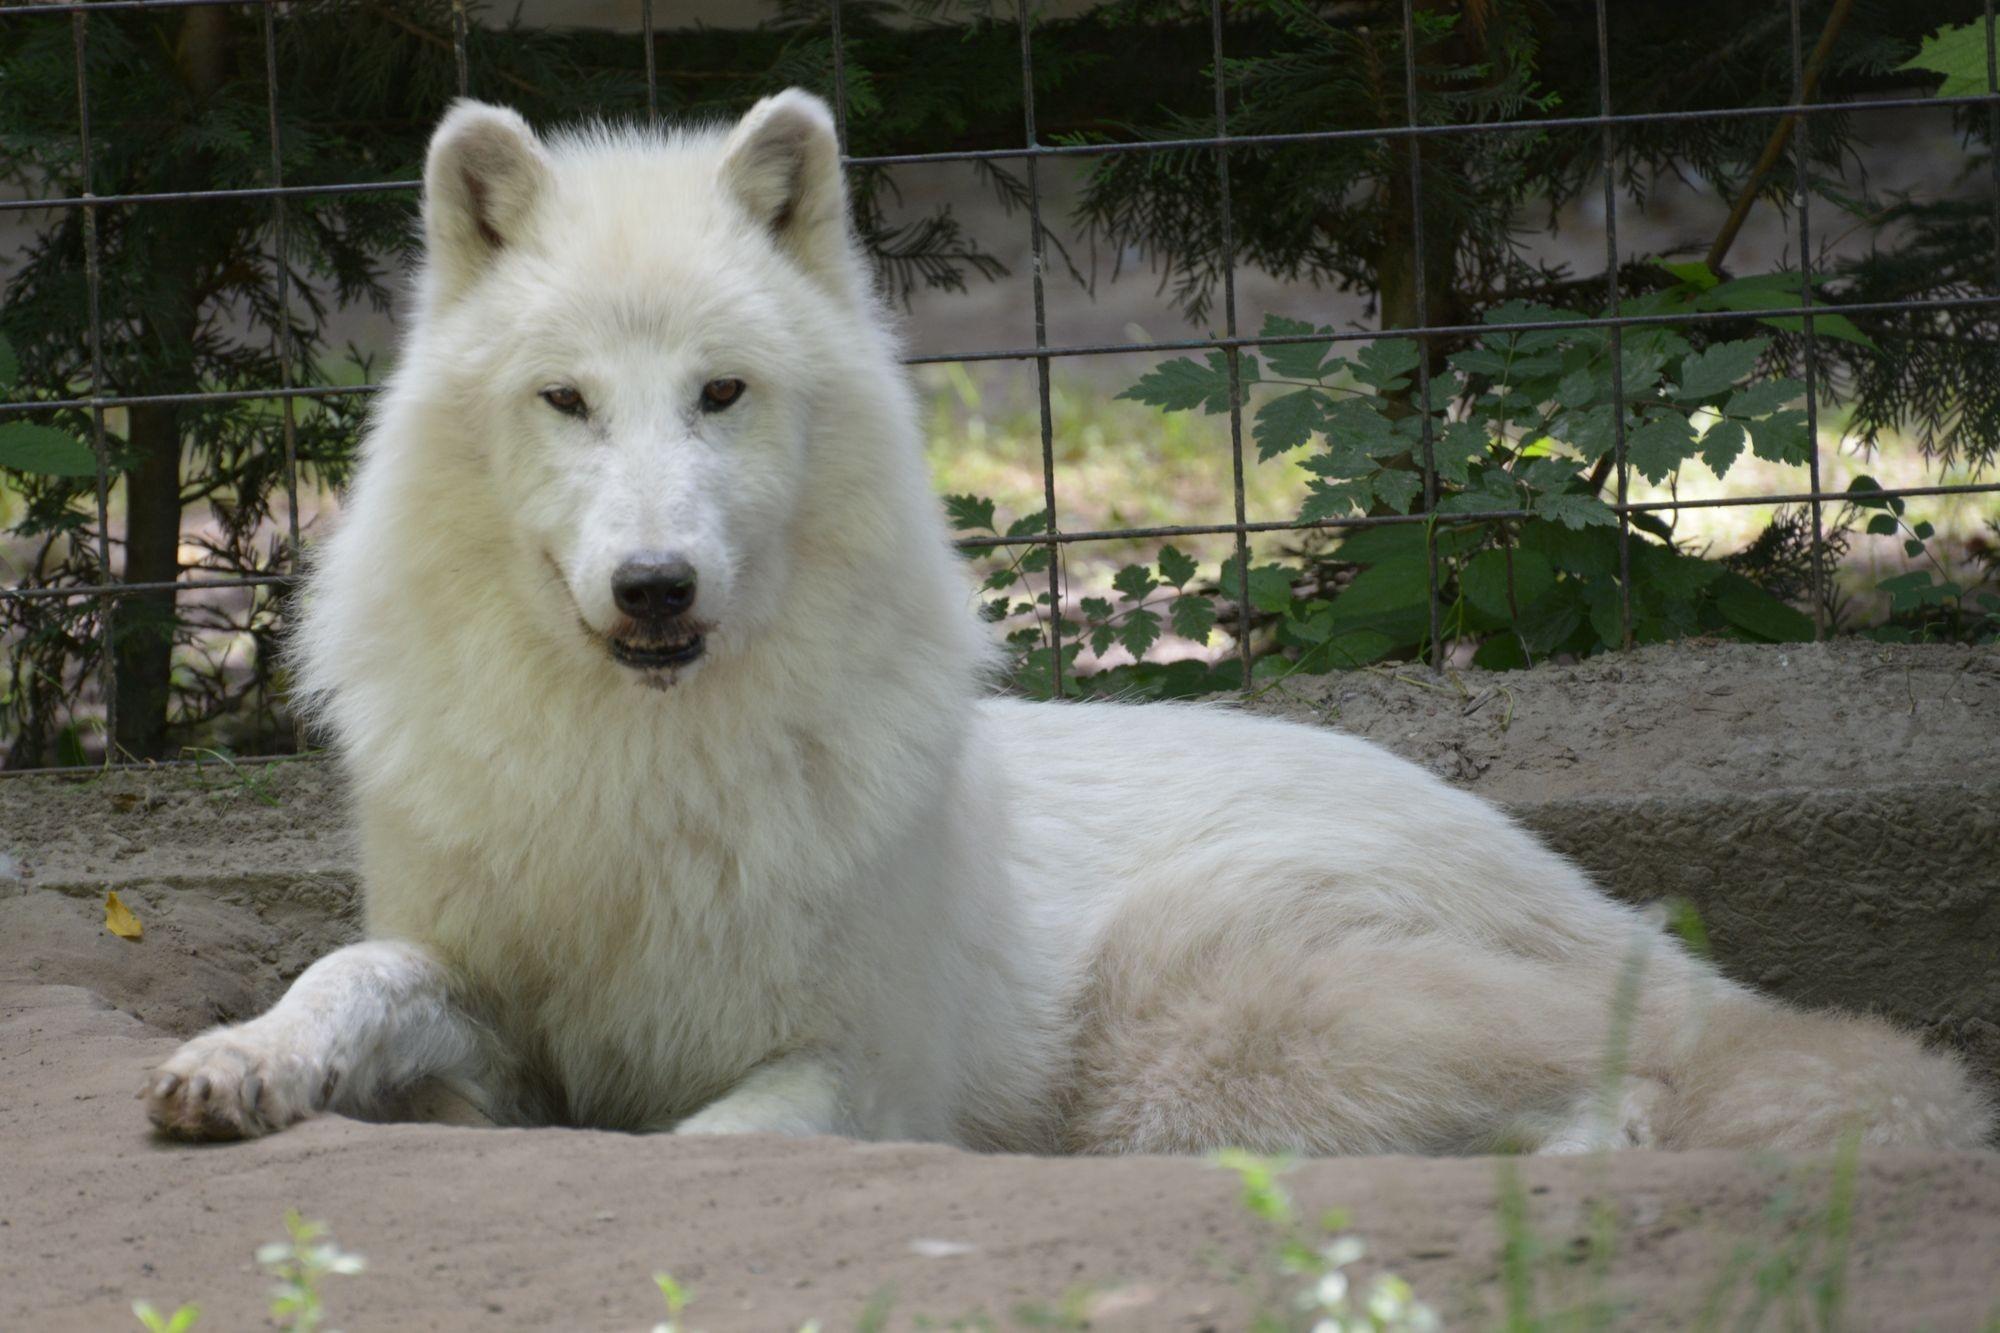 Új kifutót és párt kapott az alaszkai fehér farkas a Kecskeméti Vadaskertben